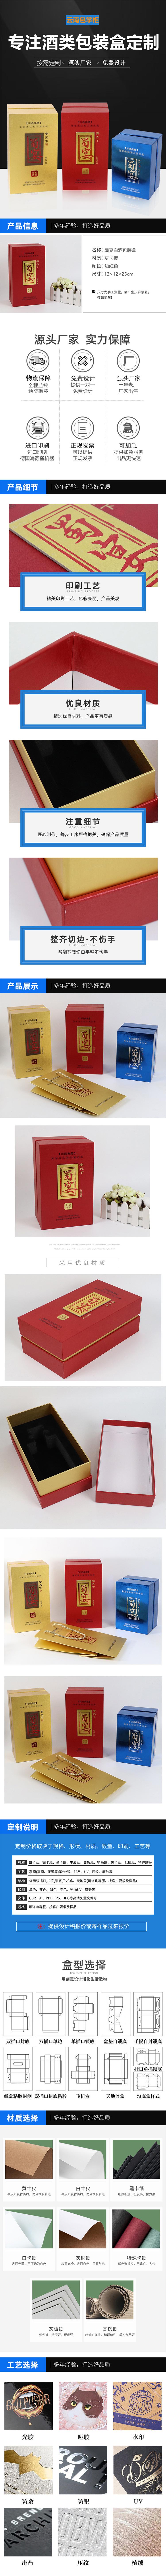 蜀宴白酒礼盒